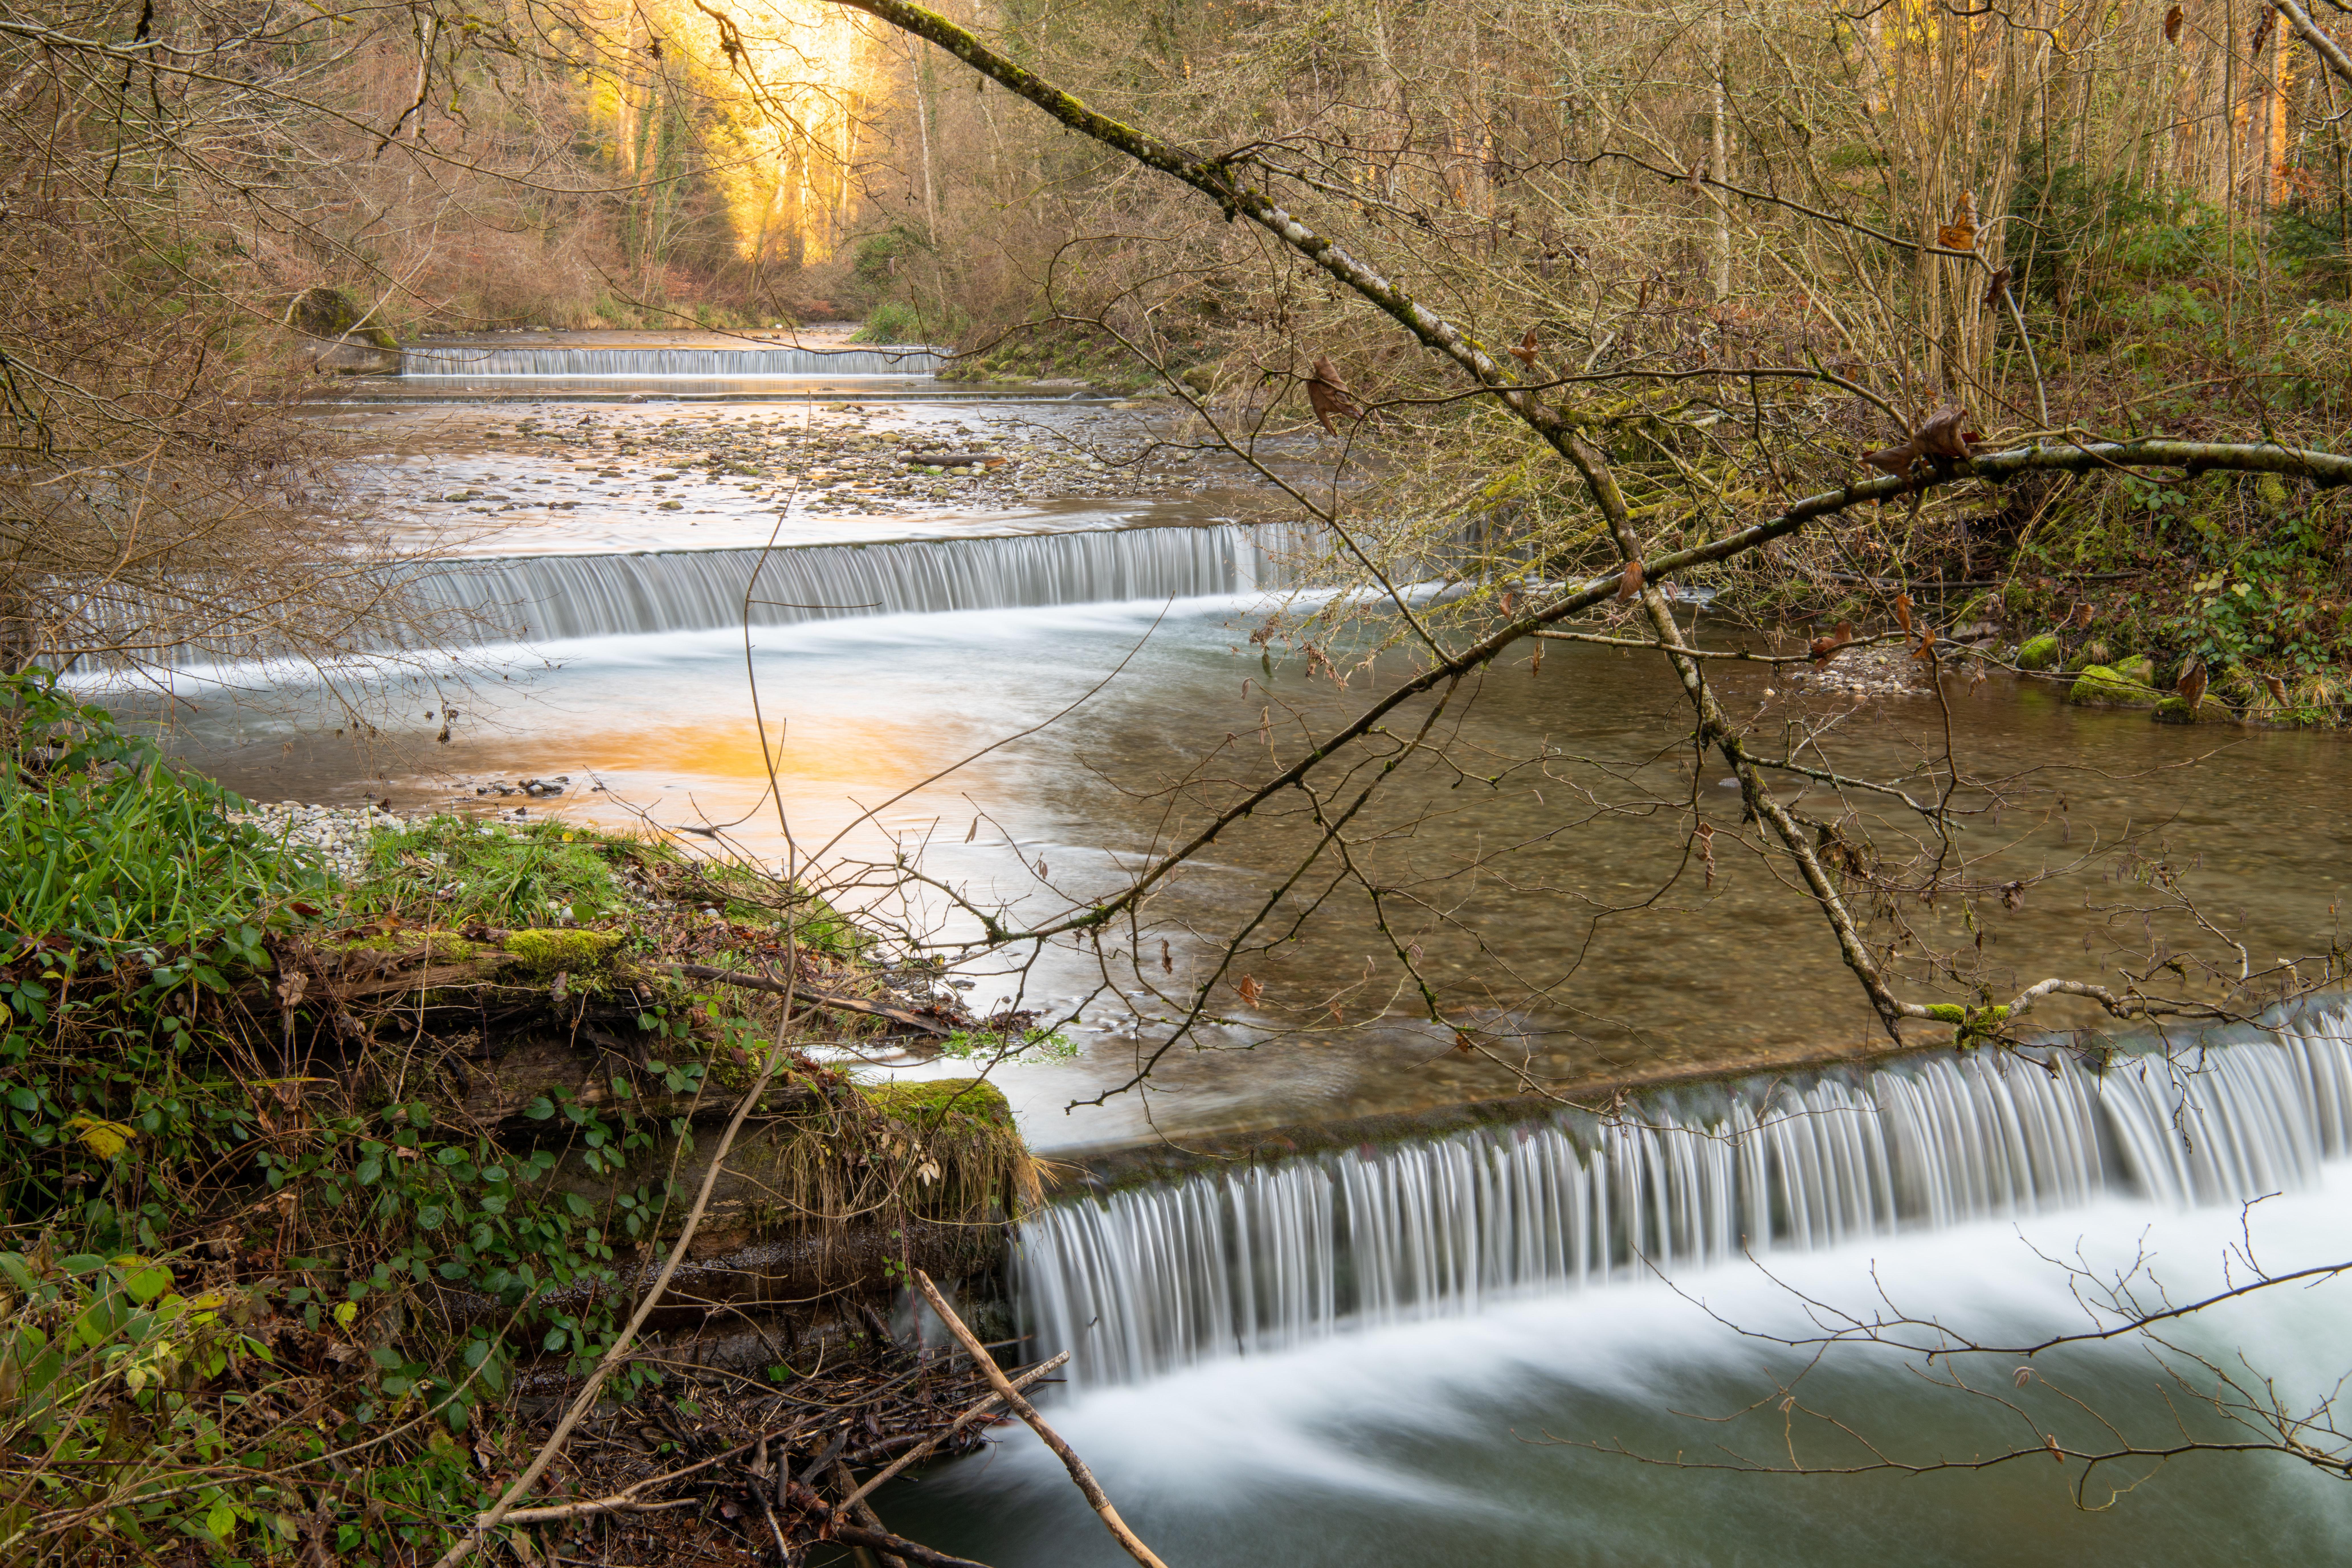 Natur, ud i naturen, vand, sø, flod. (Foto: Unsplash)